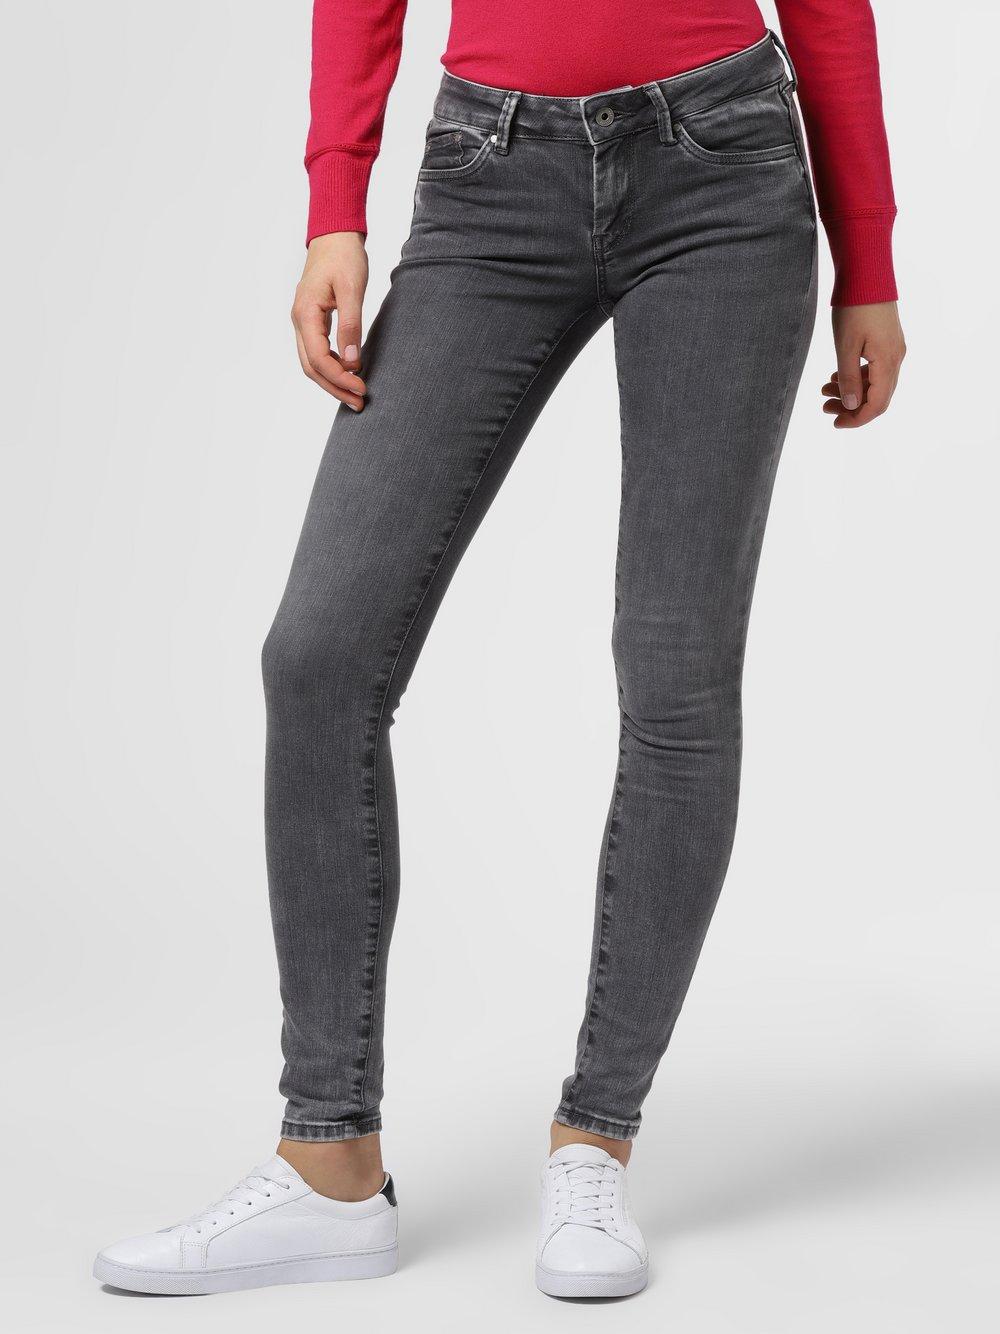 Pepe Jeans - Spodnie damskie – Pixie, szary